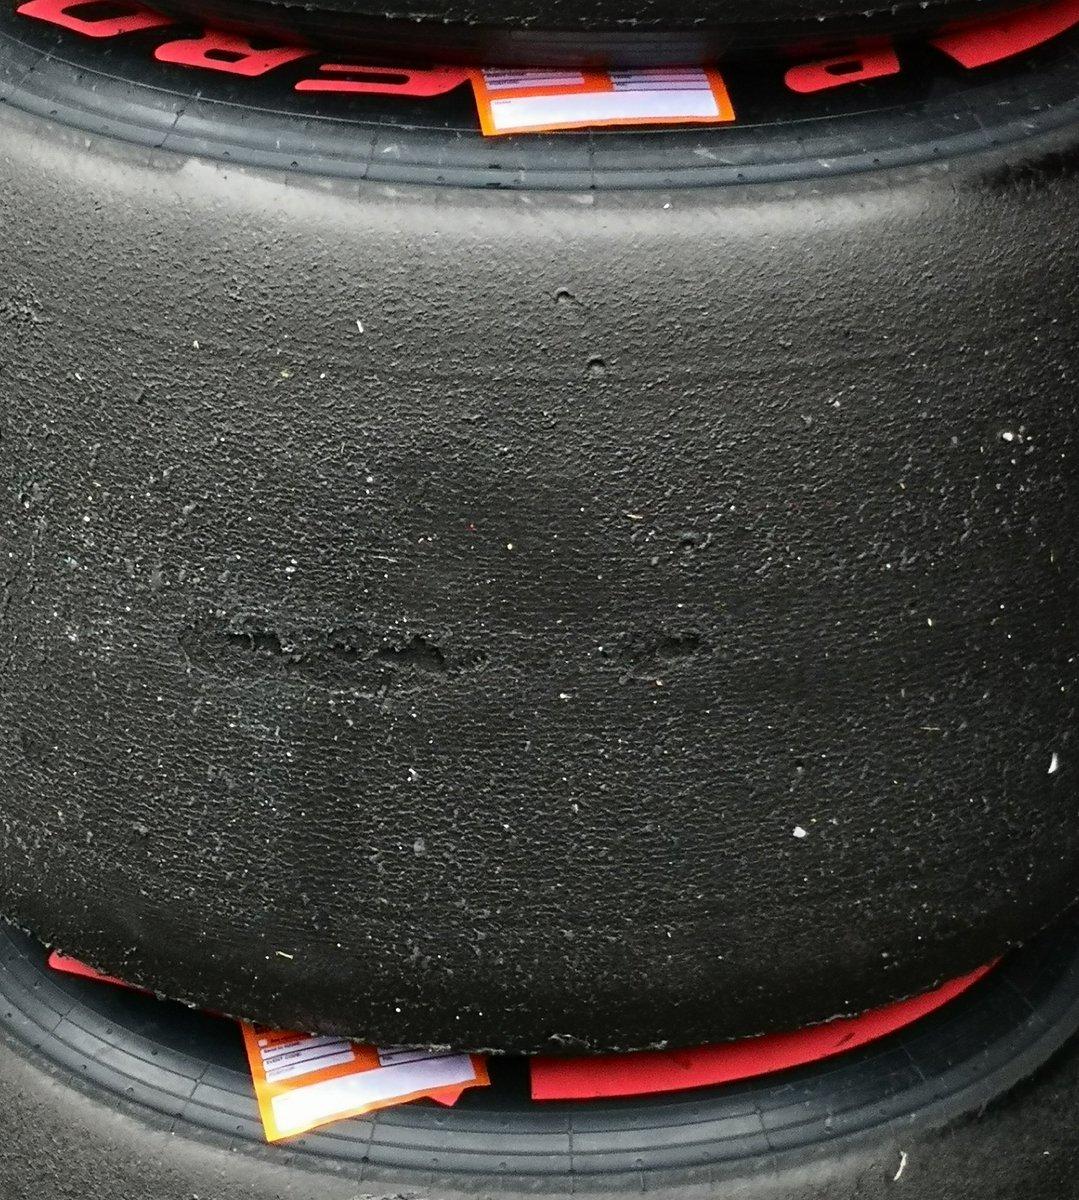 FERRARI SF71H: l'evidente blistering sulle posteriori SuperSoft utilizzate da Sebastian Vettel | Foto Fabrega